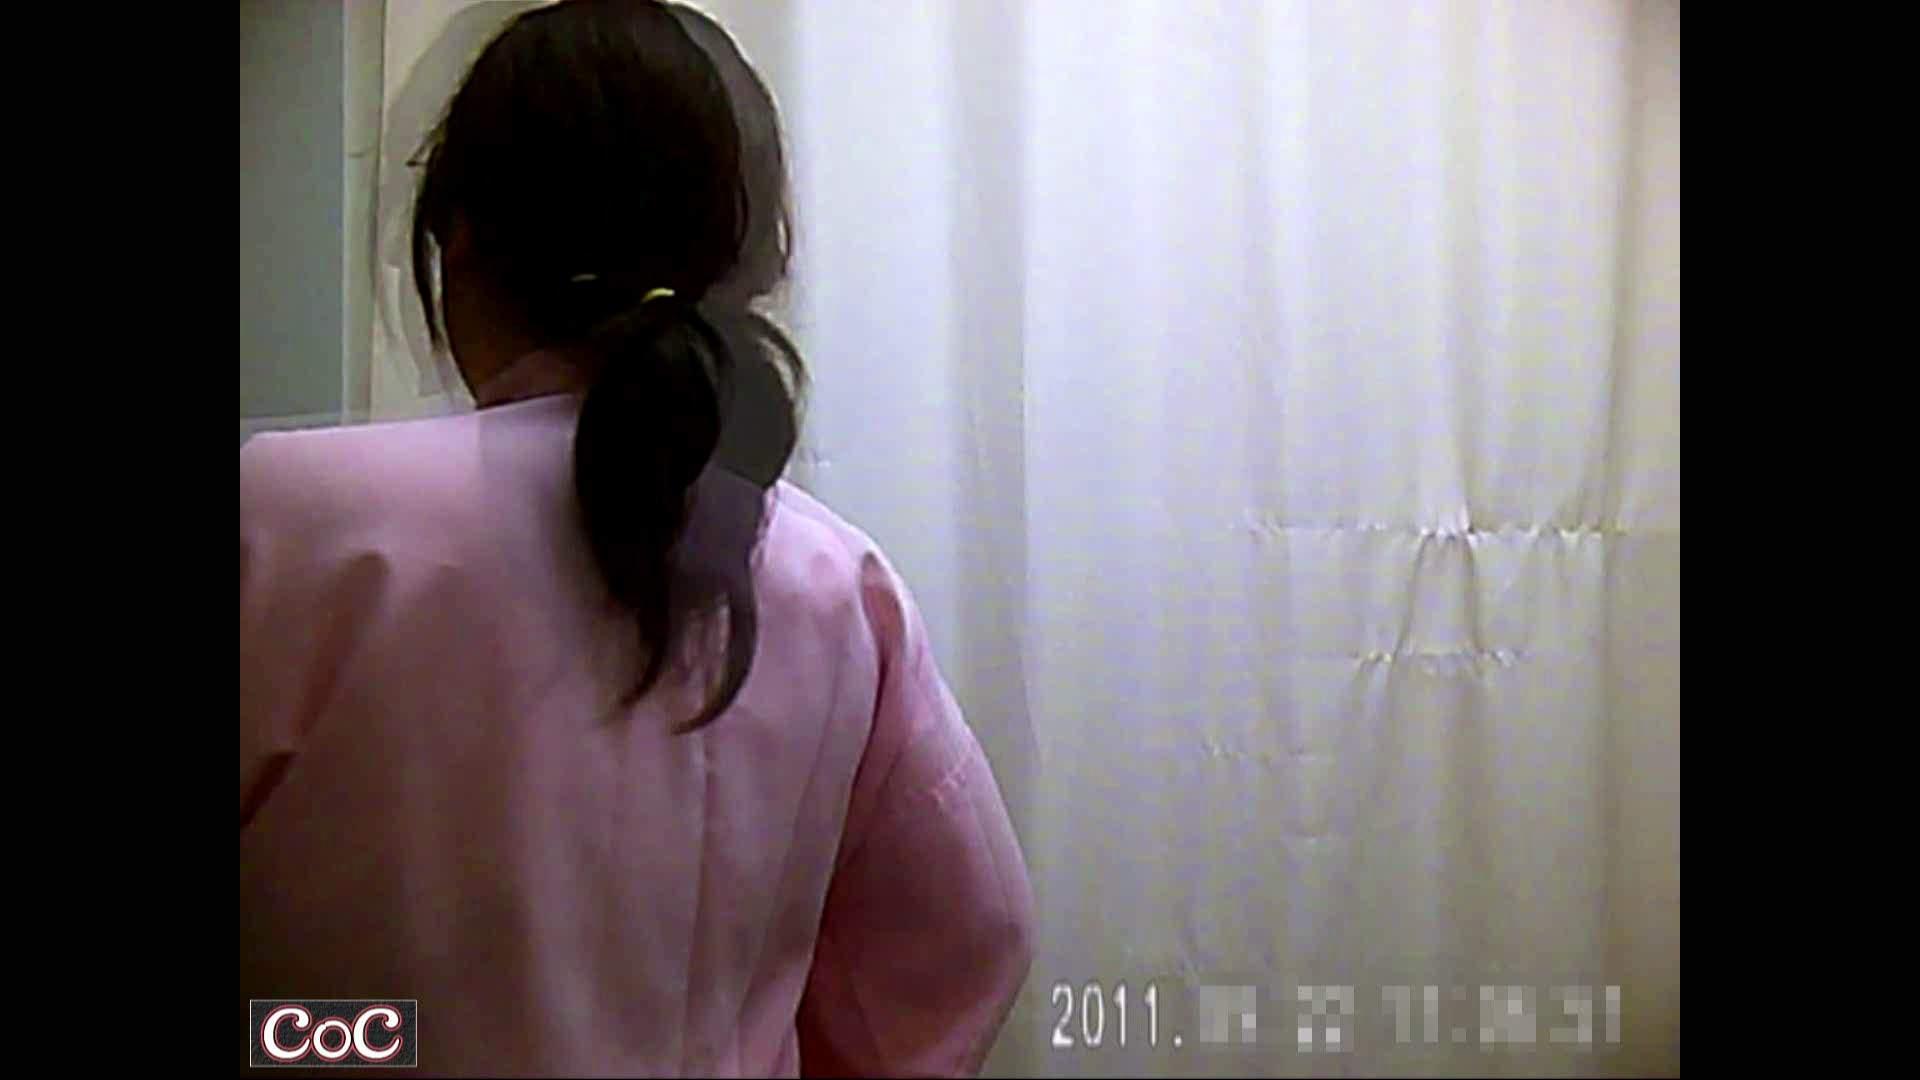 病院おもいっきり着替え! vol.33 乳首 すけべAV動画紹介 85pic 11